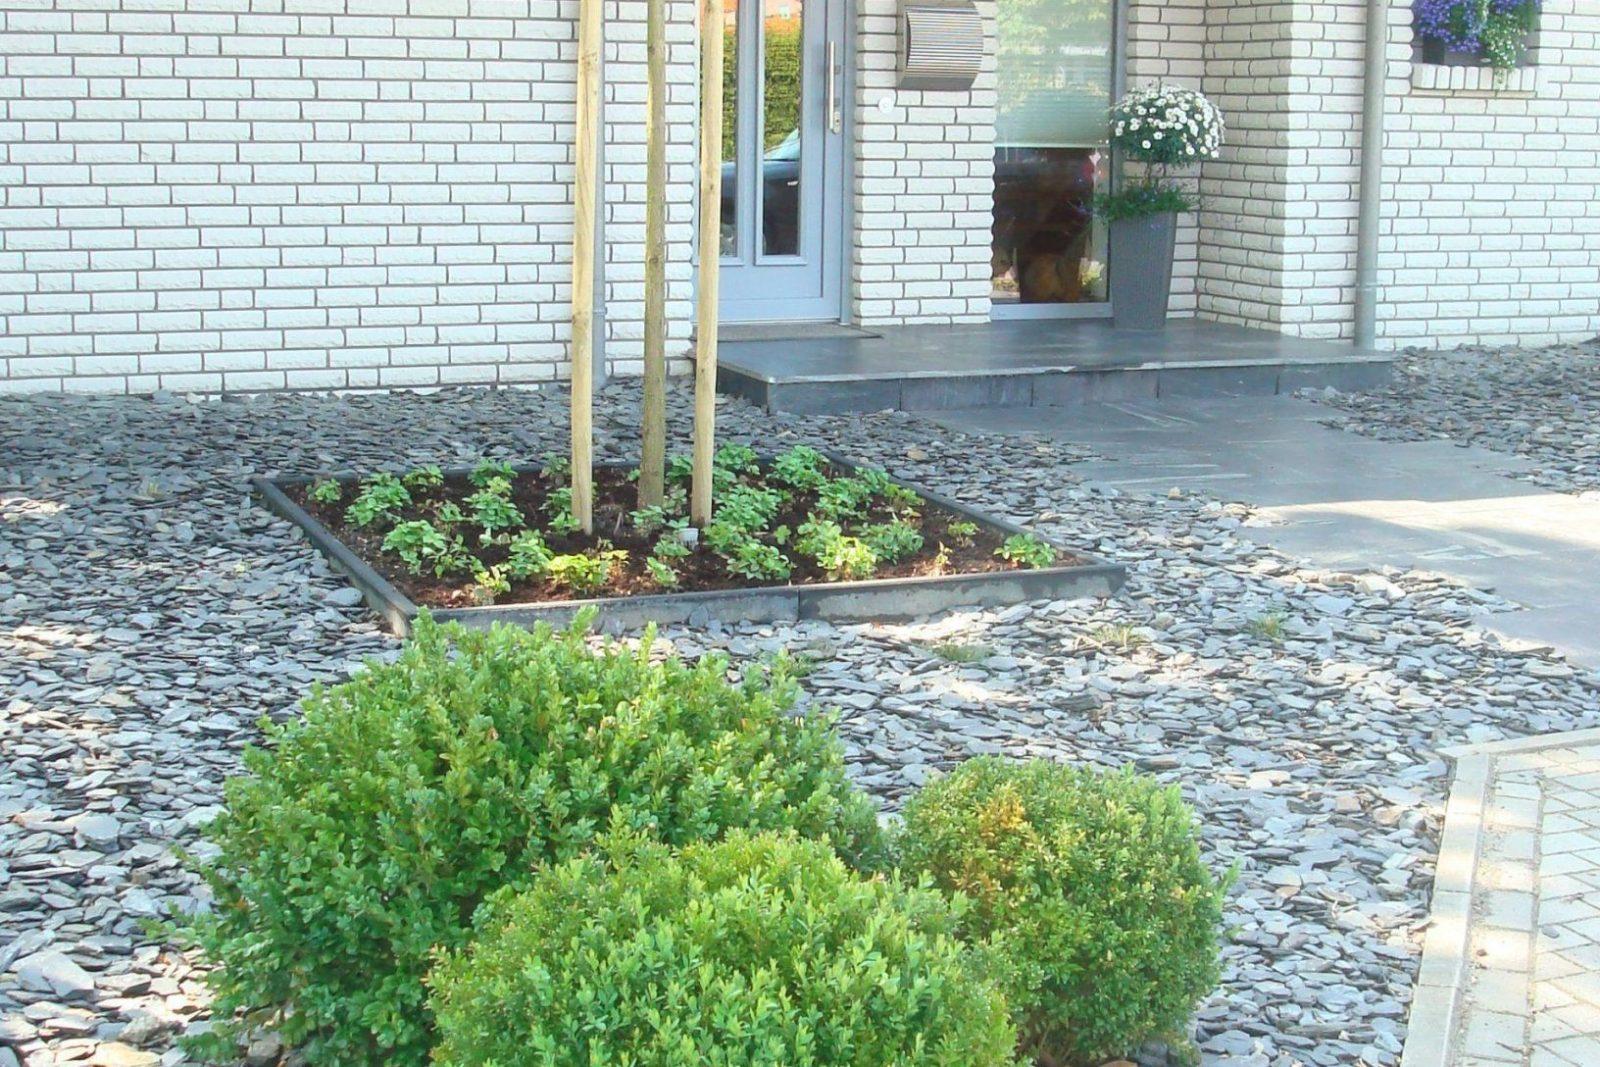 vorgarten gestalten mit kies und gräsern | vorgartengestaltung